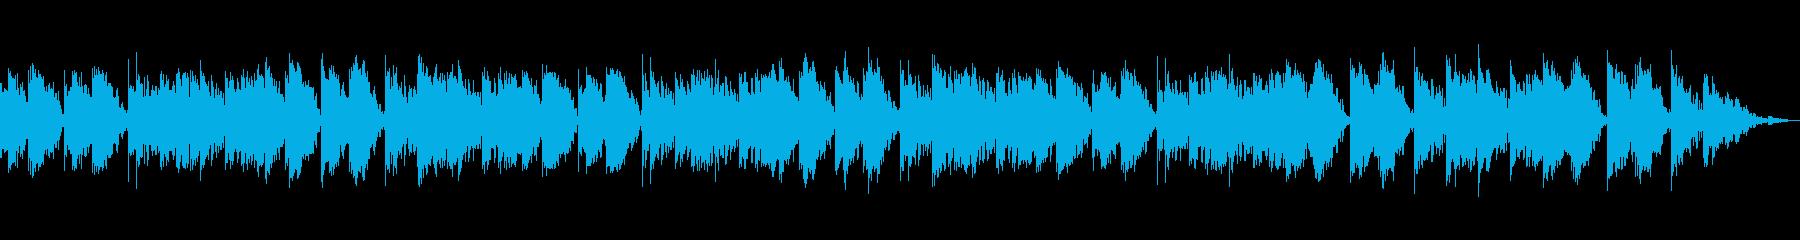 どこか懐かしい気持ちにさせてくれる音楽の再生済みの波形